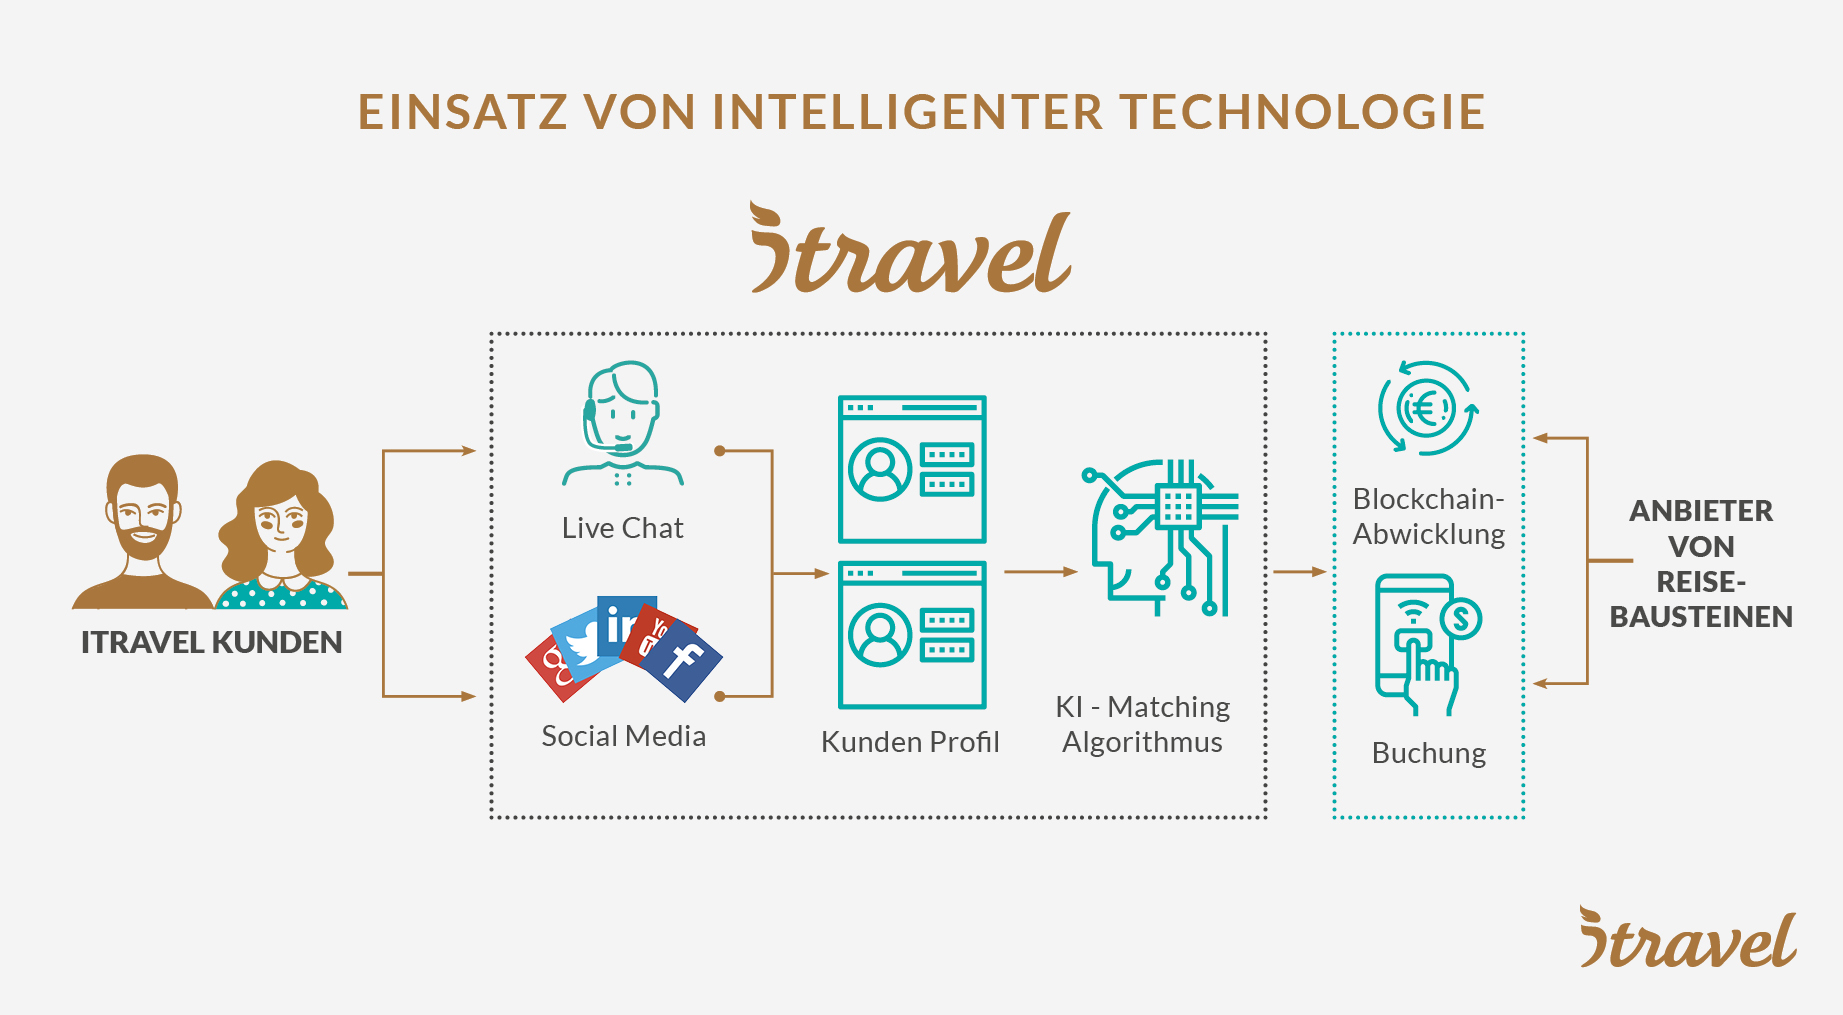 Einsatz von intelligenter Technologie, insbesondere KI und Blockchain